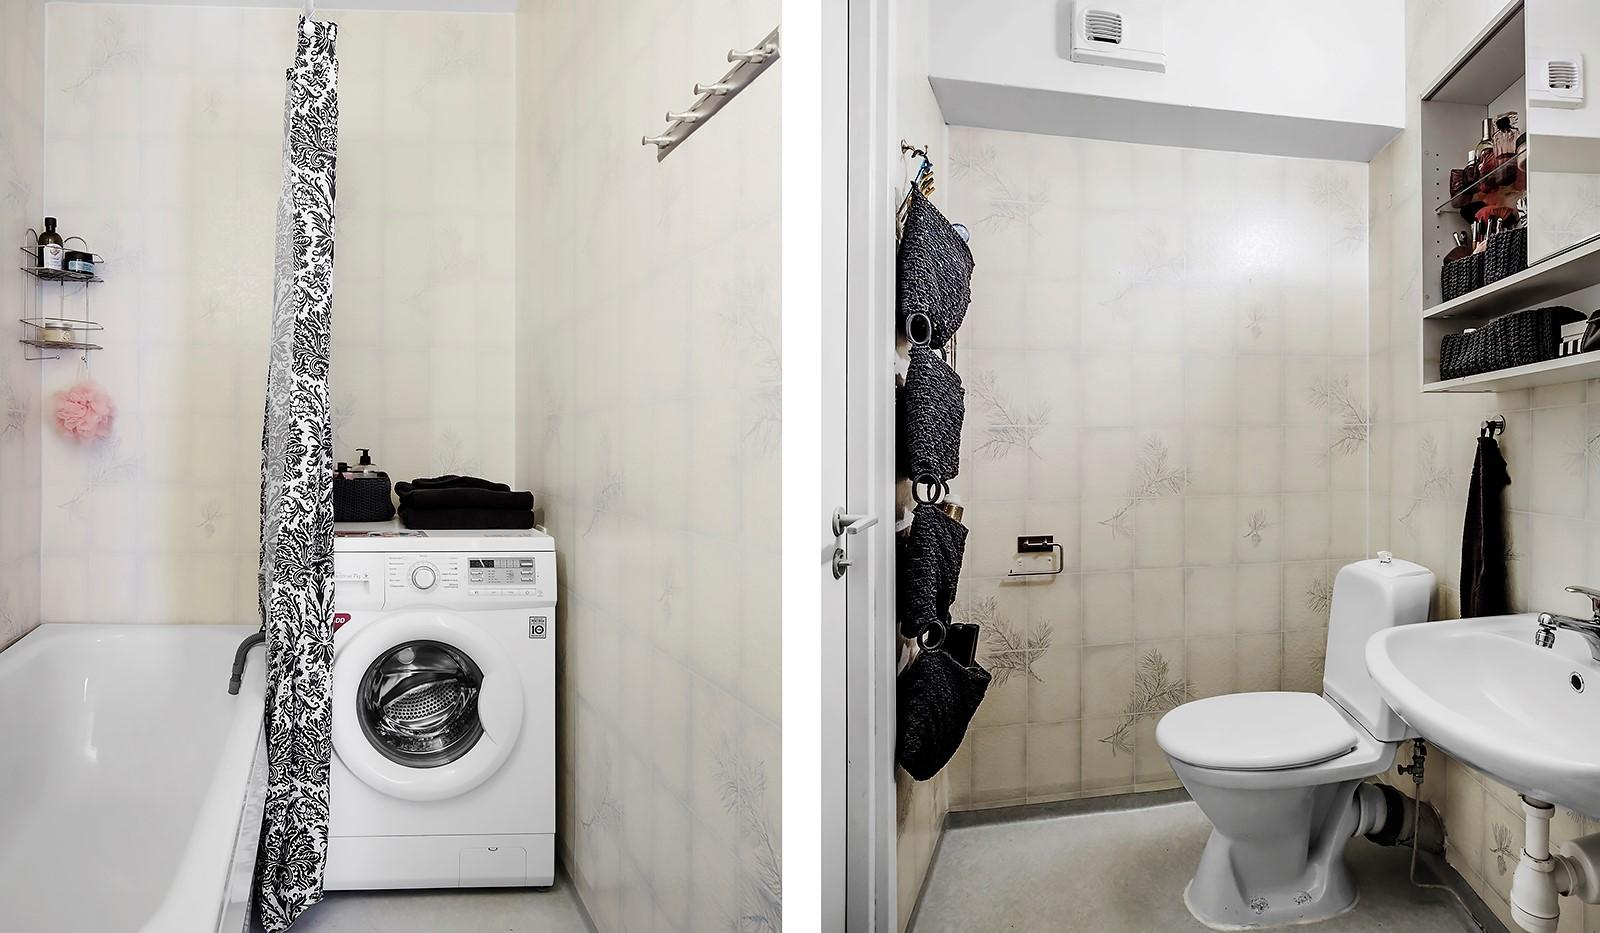 Lejonets gata 374, 6 tr - Badrum med tvättmaskin och badkar